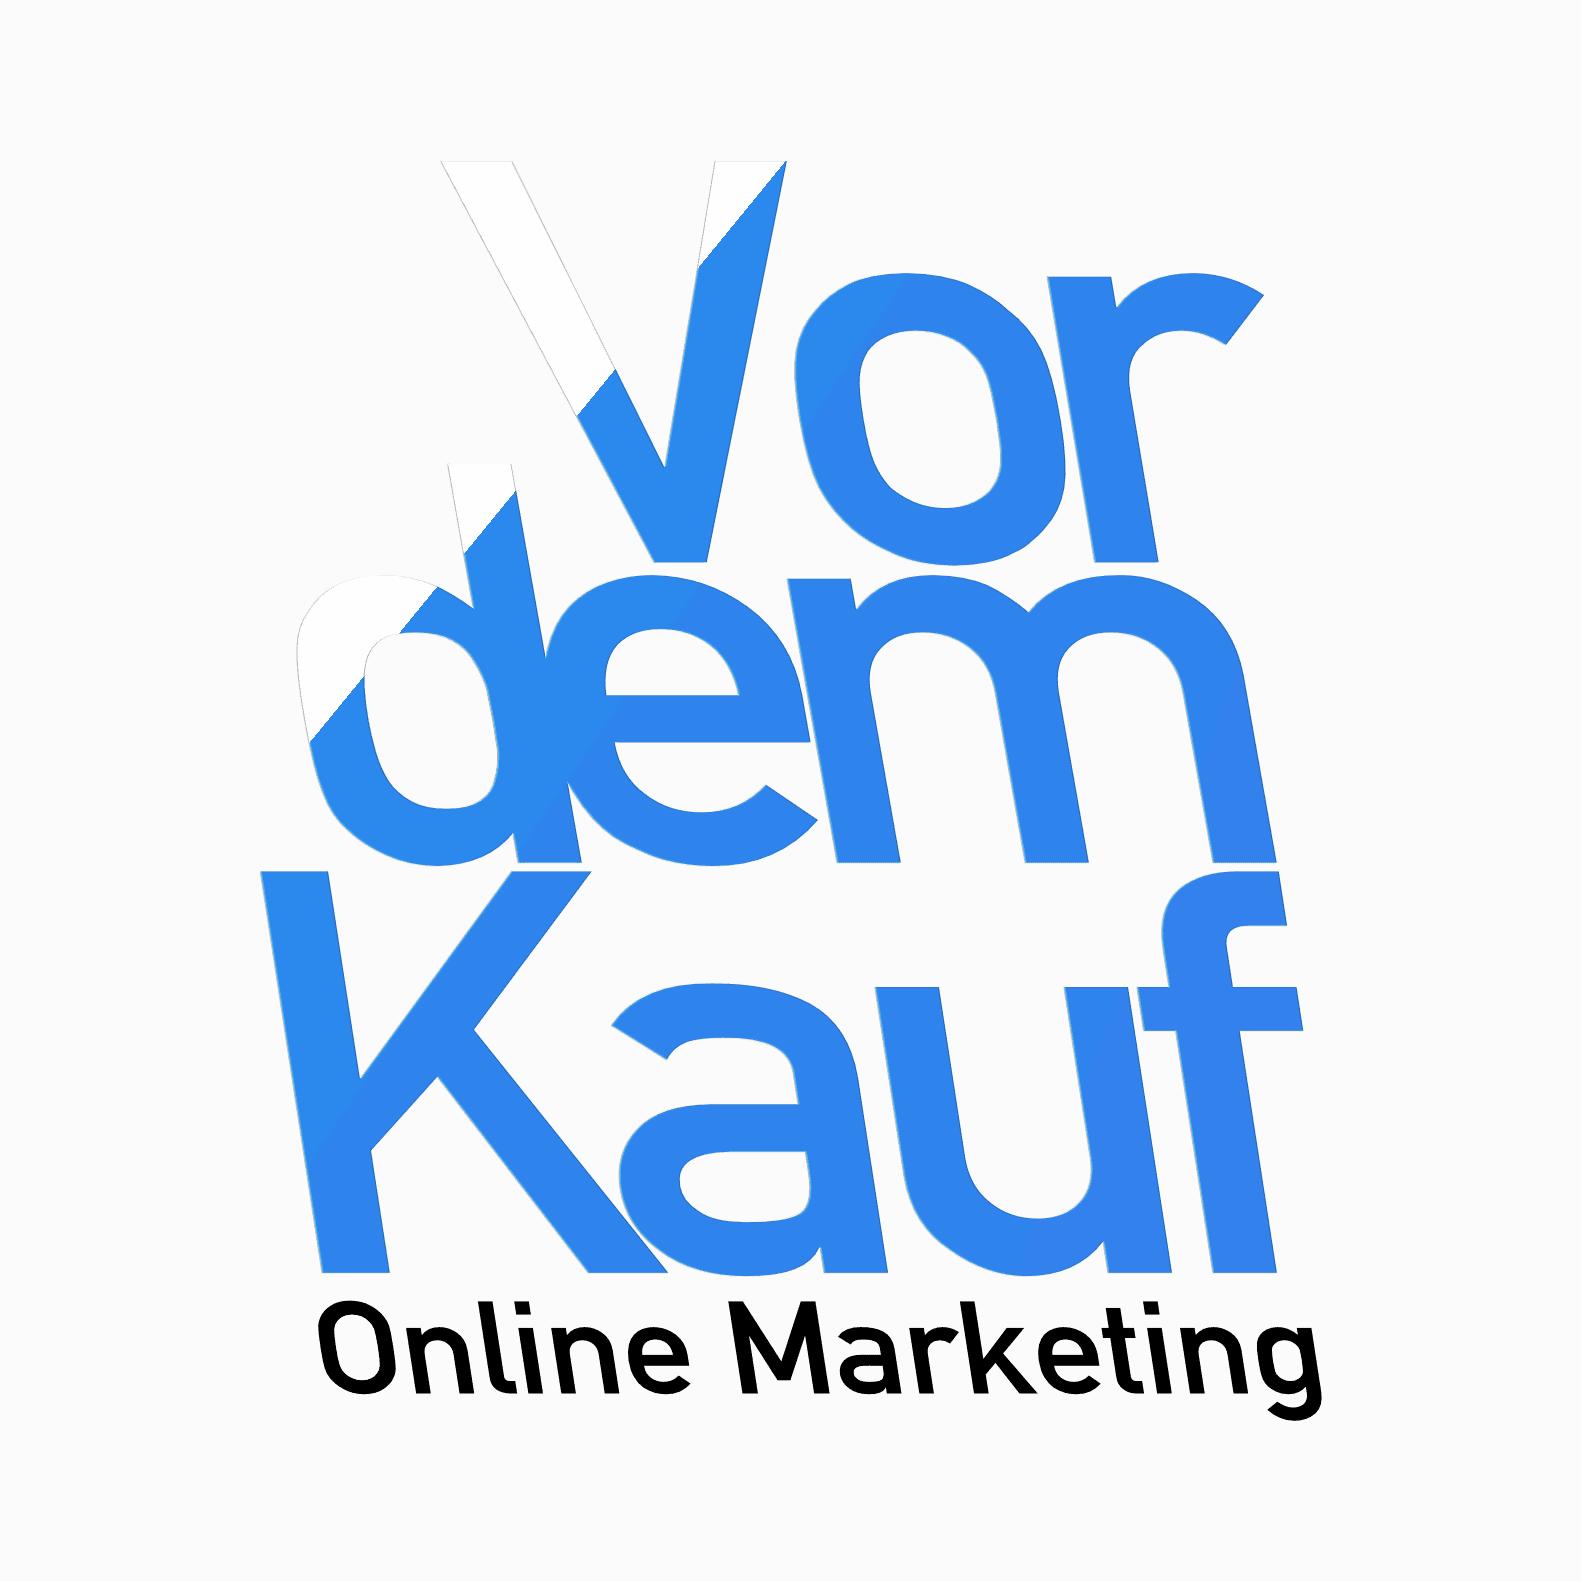 Vordemkauf Logo